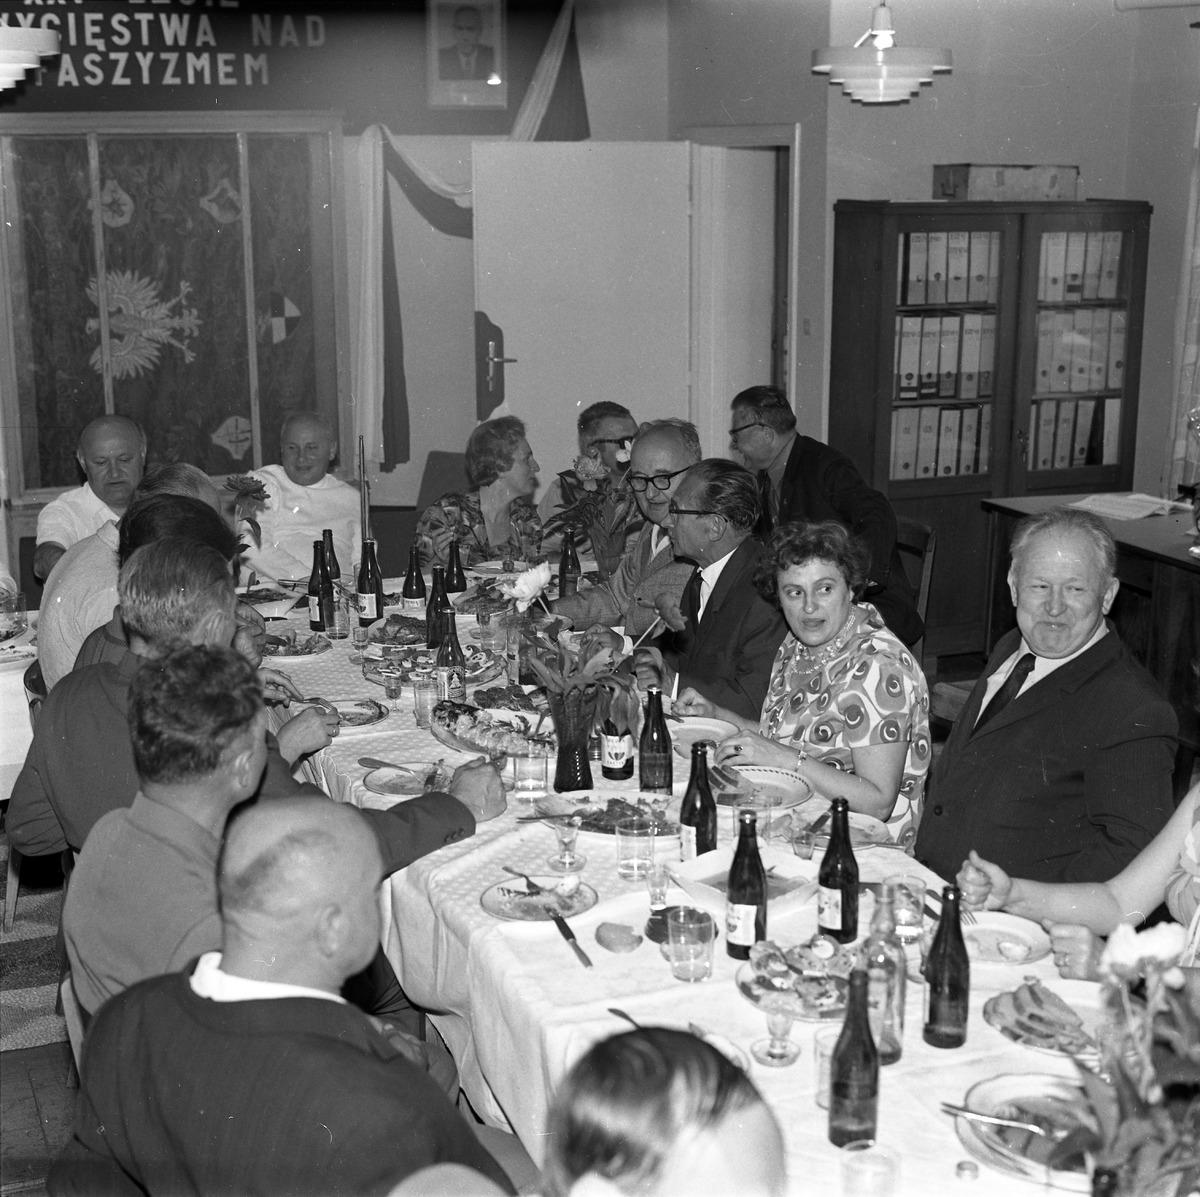 Wizyta delegacji węgierskiej w Giżycku [7]